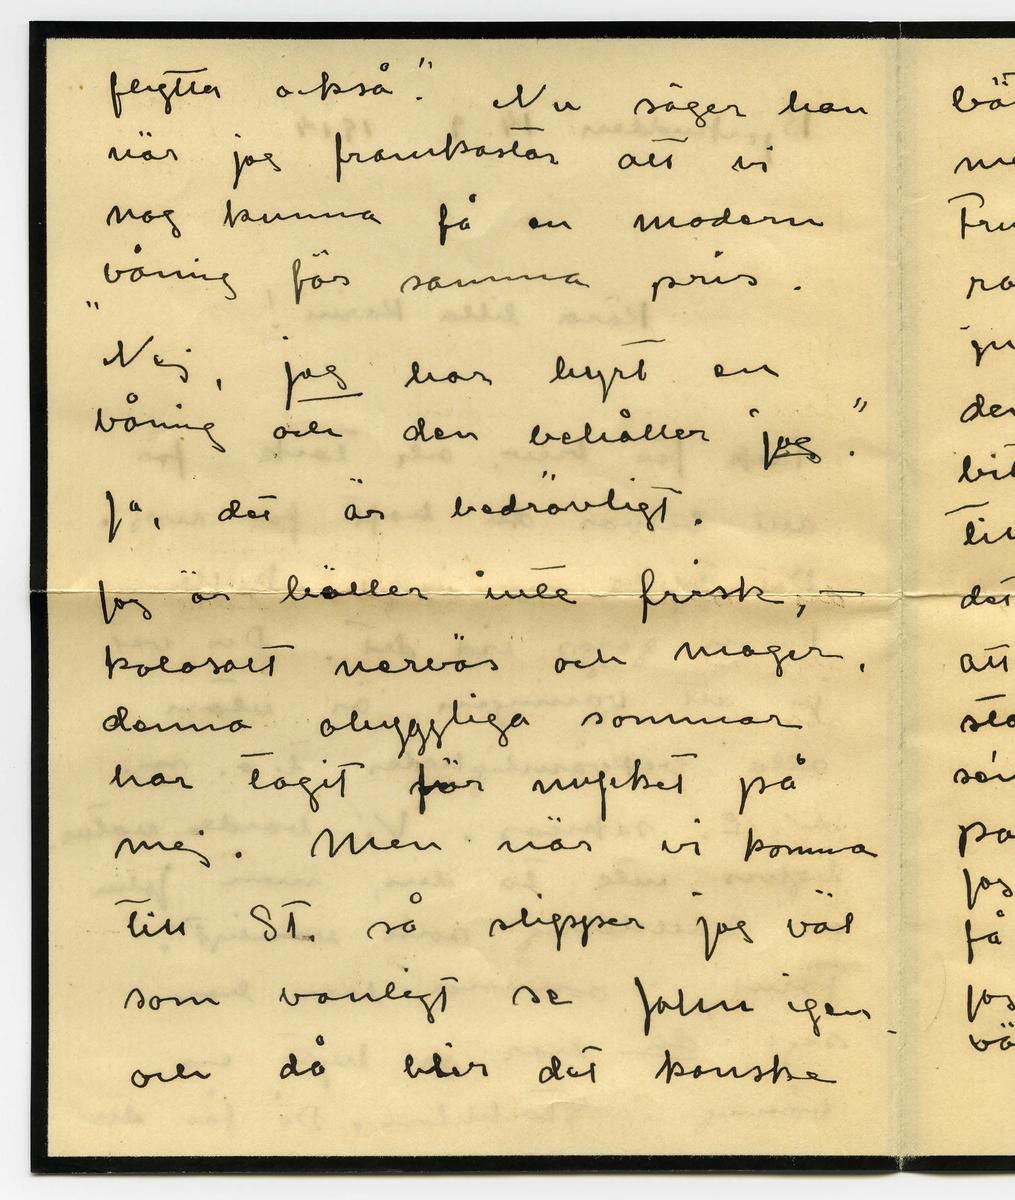 """Brev 1914-09-14 från Ester Bauer till Carin Cervin-Ellqvist, bestående av tre sidor skrivna på fram- och baksidan av ett vikt pappersark,  samt kuvert. Huvudsaklig skrift handskriven med svart bläck. . BREVAVSKRIFT: . [Kuvert baksida] [två poststämplar: STOCKHOLM TUR 1 16 9. 14] [Kuvert framsida] [Rött frimärke SVERIGE 10 öre samt poststämpel GRÄNNA – 9 14] Fru Karin Cervin-Ellqvist Hälsingegatan 19 Stockholm . [Sida 1] Björkudden 14.9 1914 Kära lilla Karin! tack för brev, och tack för allt besvär du haft för mej. Det tycks som inget skulle kunna göras vid det. Du vet ju att våningen är utan alla bekvämligheter t.o.m. W.C. saknas. Vi borde natur- ligtvis inte ta den, men John är hallstarrig som vanligt. Förut i sommar har han sagt, [understruket: """"du] har ju hyrt en våning i Stockholm. Då får du  . [Sida 2] flytta också"""". Nu säger han när jag framkastar att vi nog kunna få en modern våning för samma pris. """"Nej, [understruket: jag] har hyrt en  våning och den behåller [understruket: jag]."""" Ja, det är bedrövligt. Jag är häller inte frisk, [streck] kolosalt nervös och mager, denna ohyggliga sommar  har tagit för mycket på mej. Men när vi komma till St. så slipper jag väl som vanligt se John igen och då blir det kanske . [Sida 3] bättre. Jag umgås mycket med Wemans på Aranäs. Fru Olga är en mycket rar mänska. Det är ju väl att haft henne den sista tiden. I morron [överstruket: g] bitti kl. 6 reser jag till Malmö. Jag känner det som en tung plikt att se utställningen. Jag stannar nog [överstruket: bara] högst 3 dar sen måste jag hit för att  packa.  Jag har i dag skrivit till Unman, få se vad det blir för resultat. Jag har en så'n förtvivlad huvud värk. Adjö med dej. Din tillgiv Ester-Lisa"""